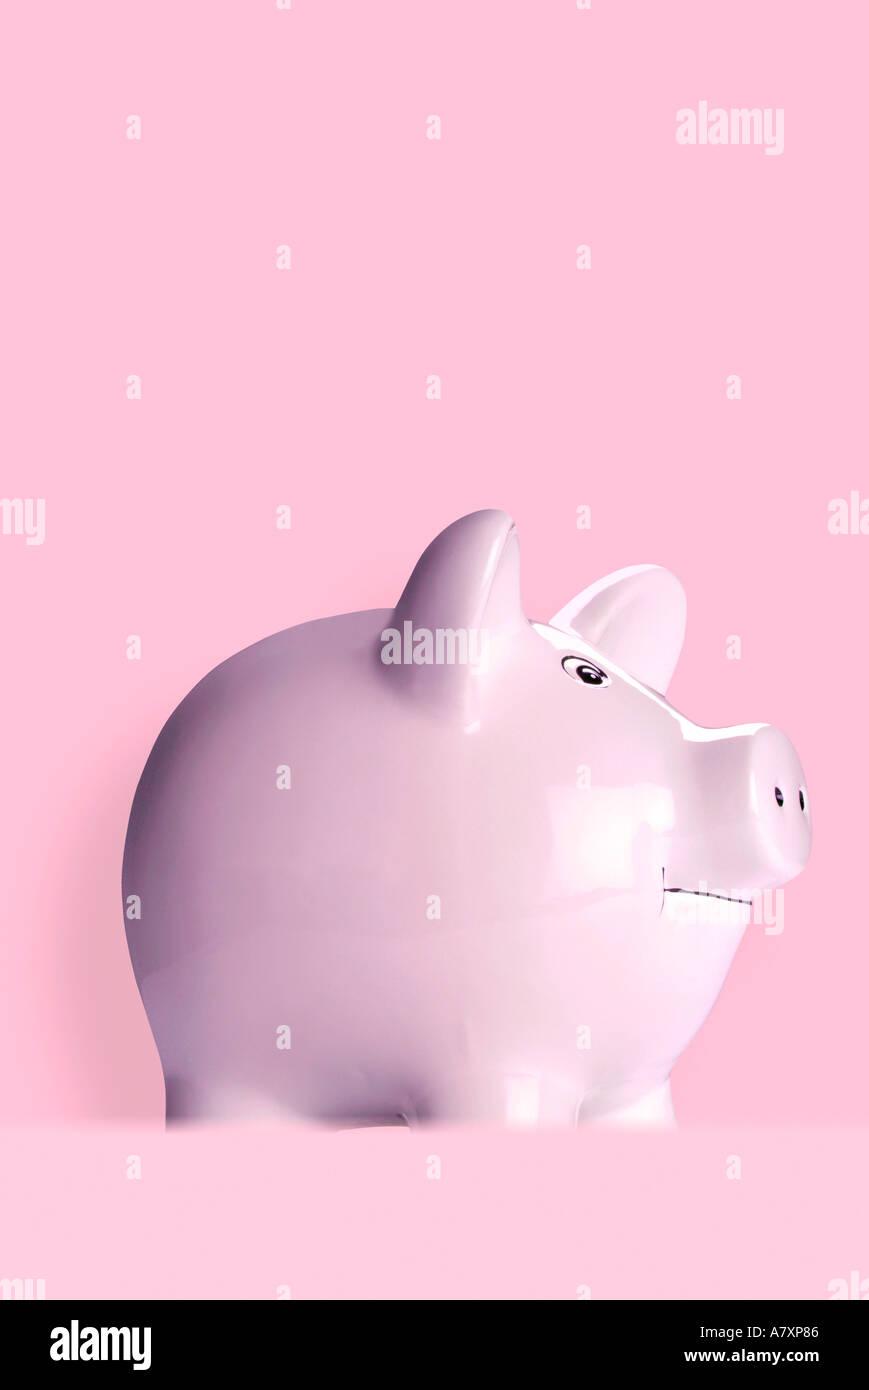 Piggy bank Sparschwein - Stock Image